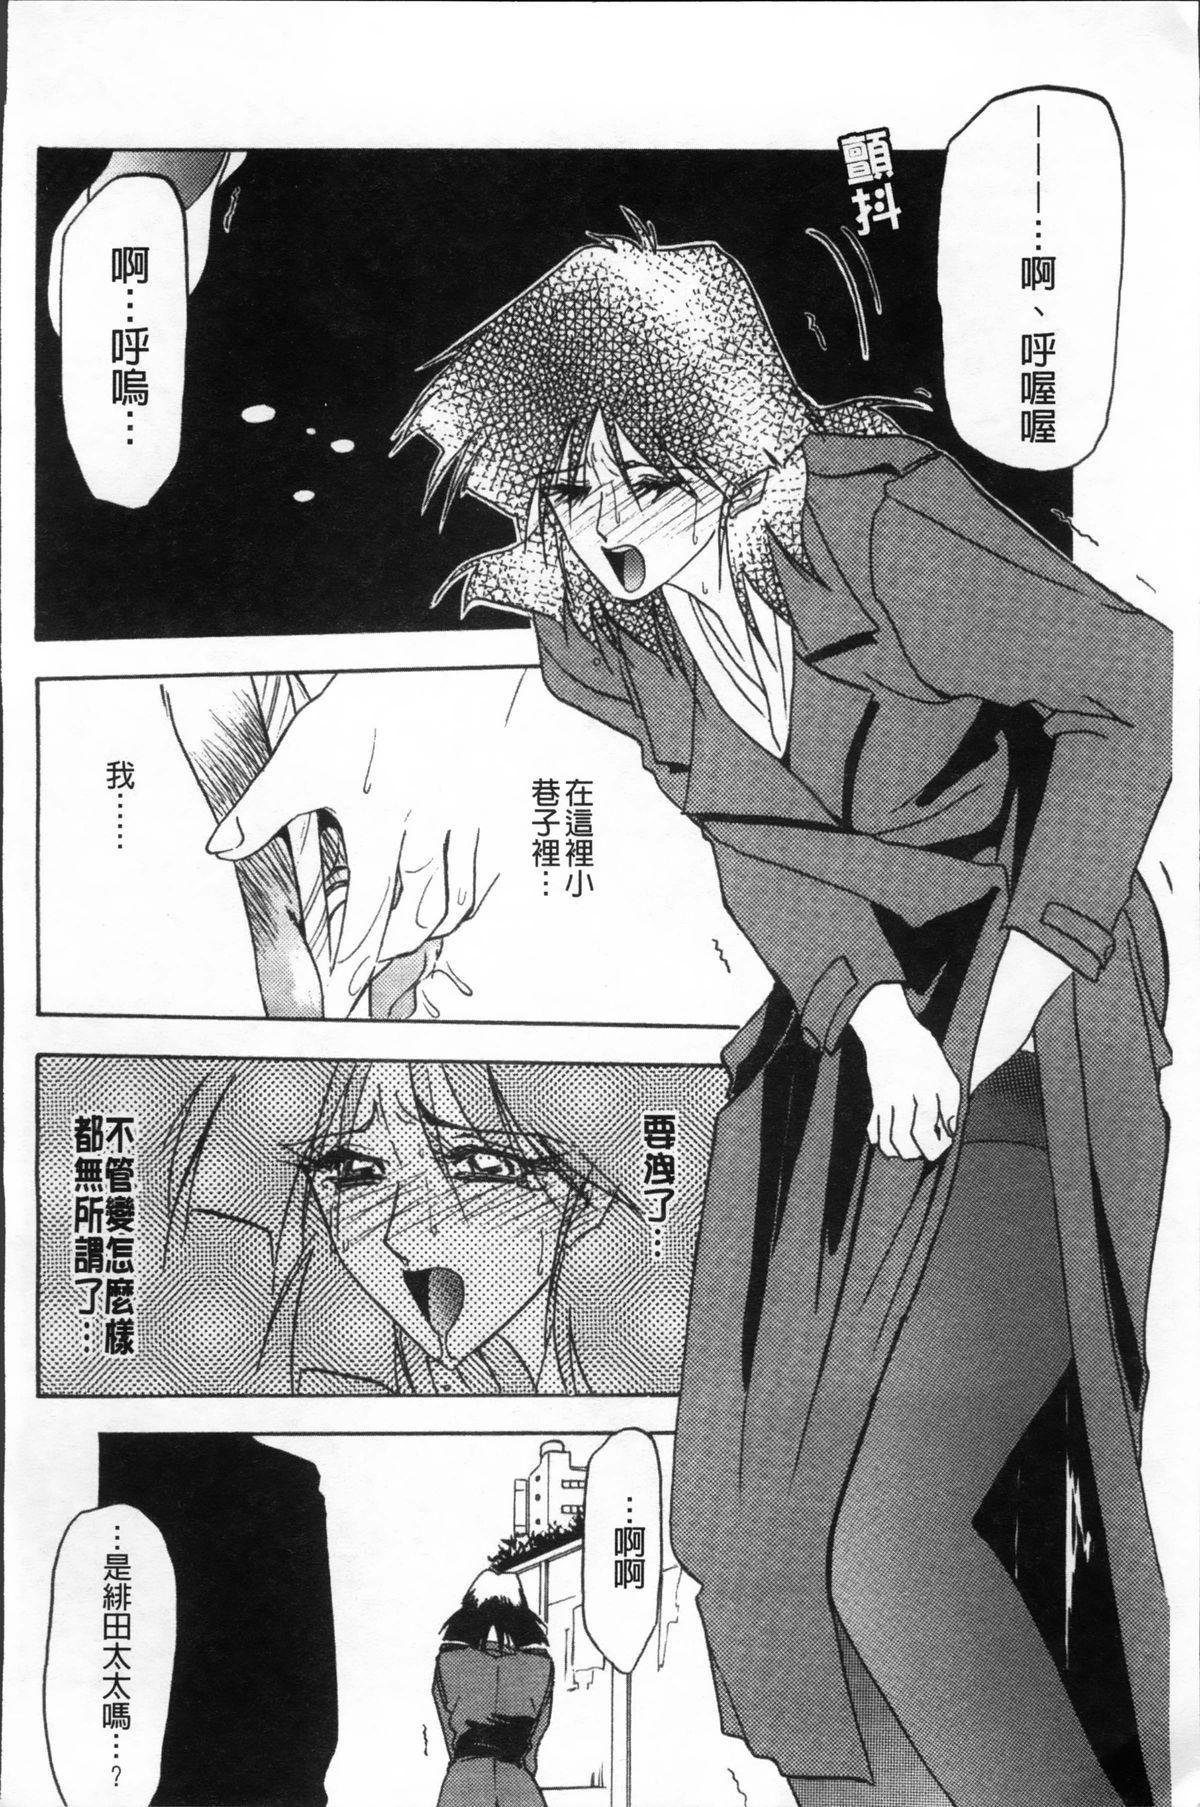 Hiiro no Koku Kanzenban   緋色之刻 完全版 193